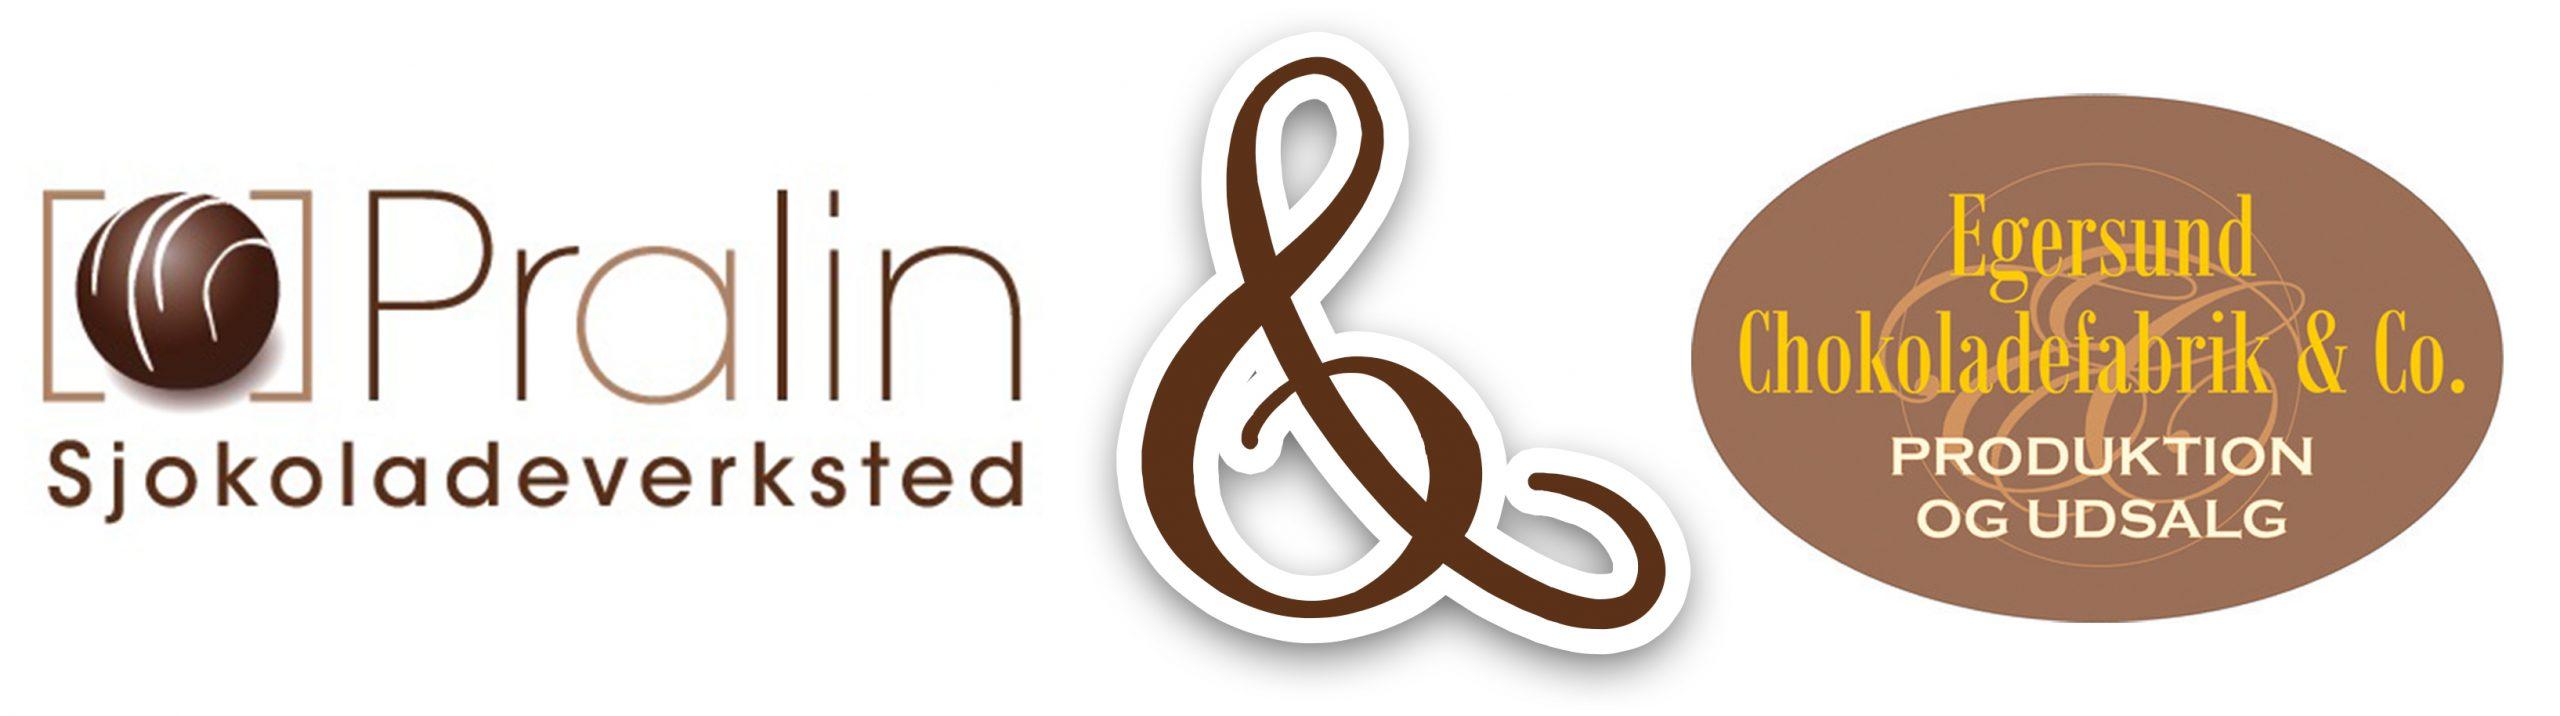 Pralin og Egersund Chokoladefabrik & Co